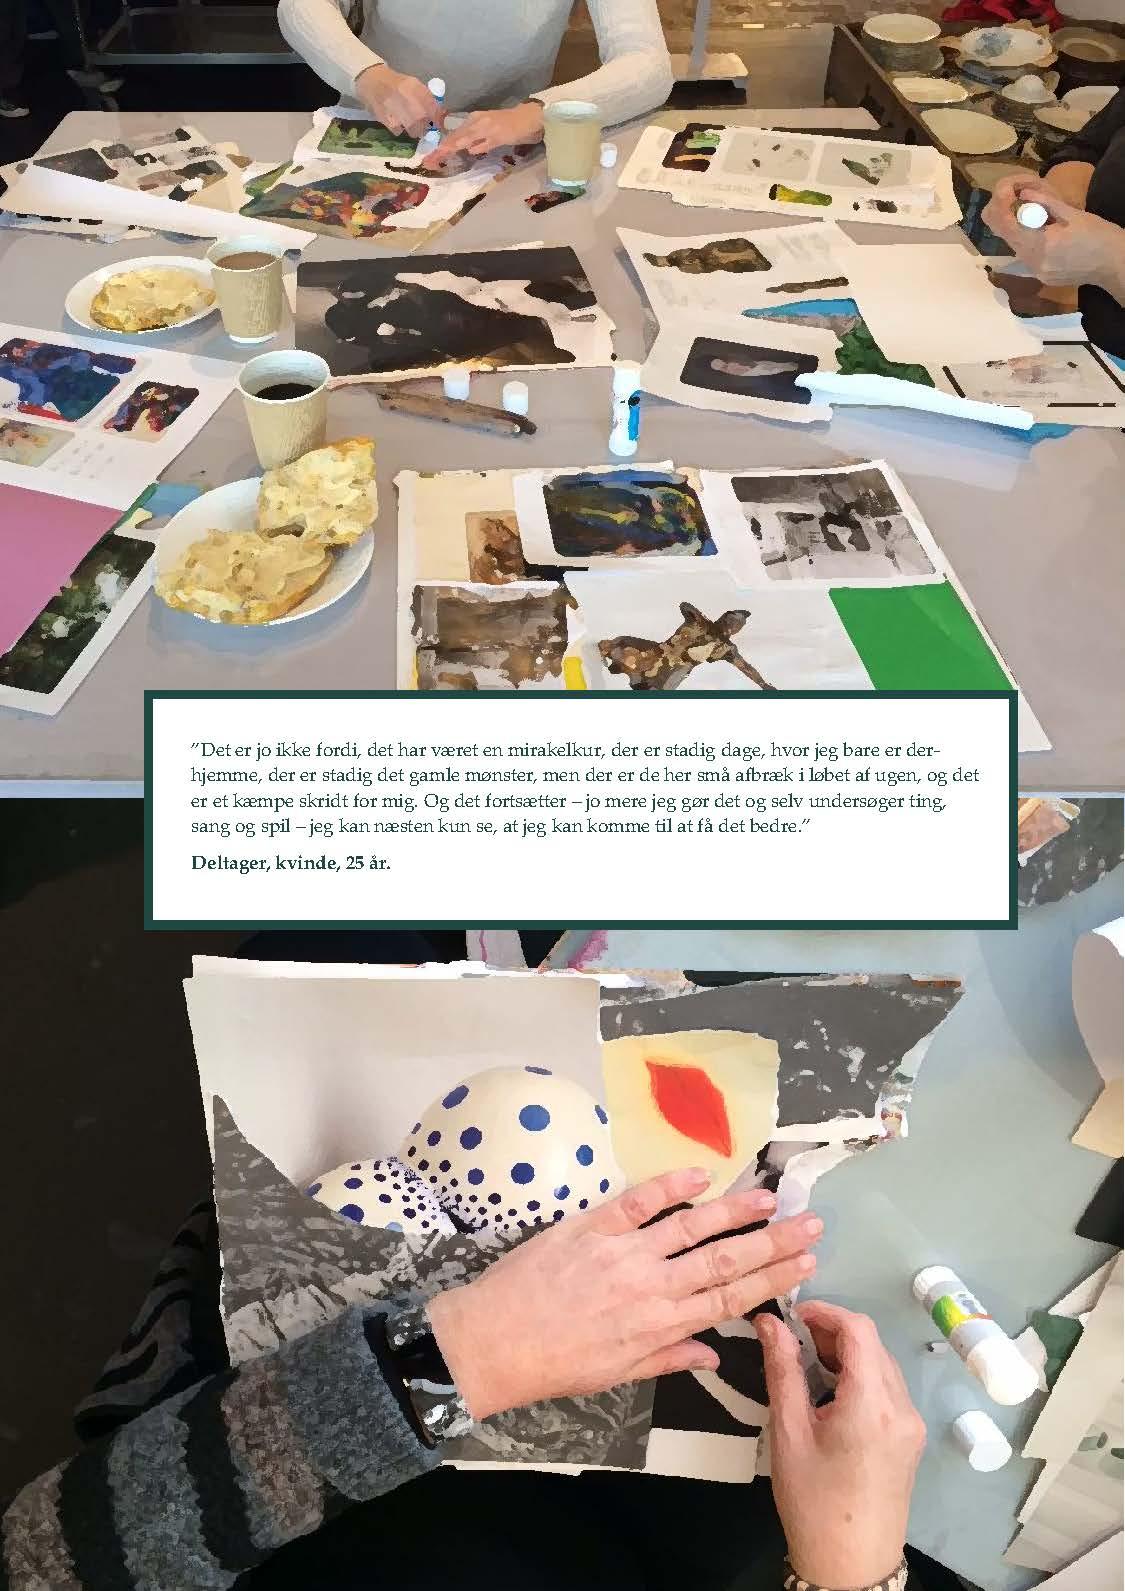 Kultur-paa-recept_tvaergaaende-evaluering_foraar-2020_Page_41